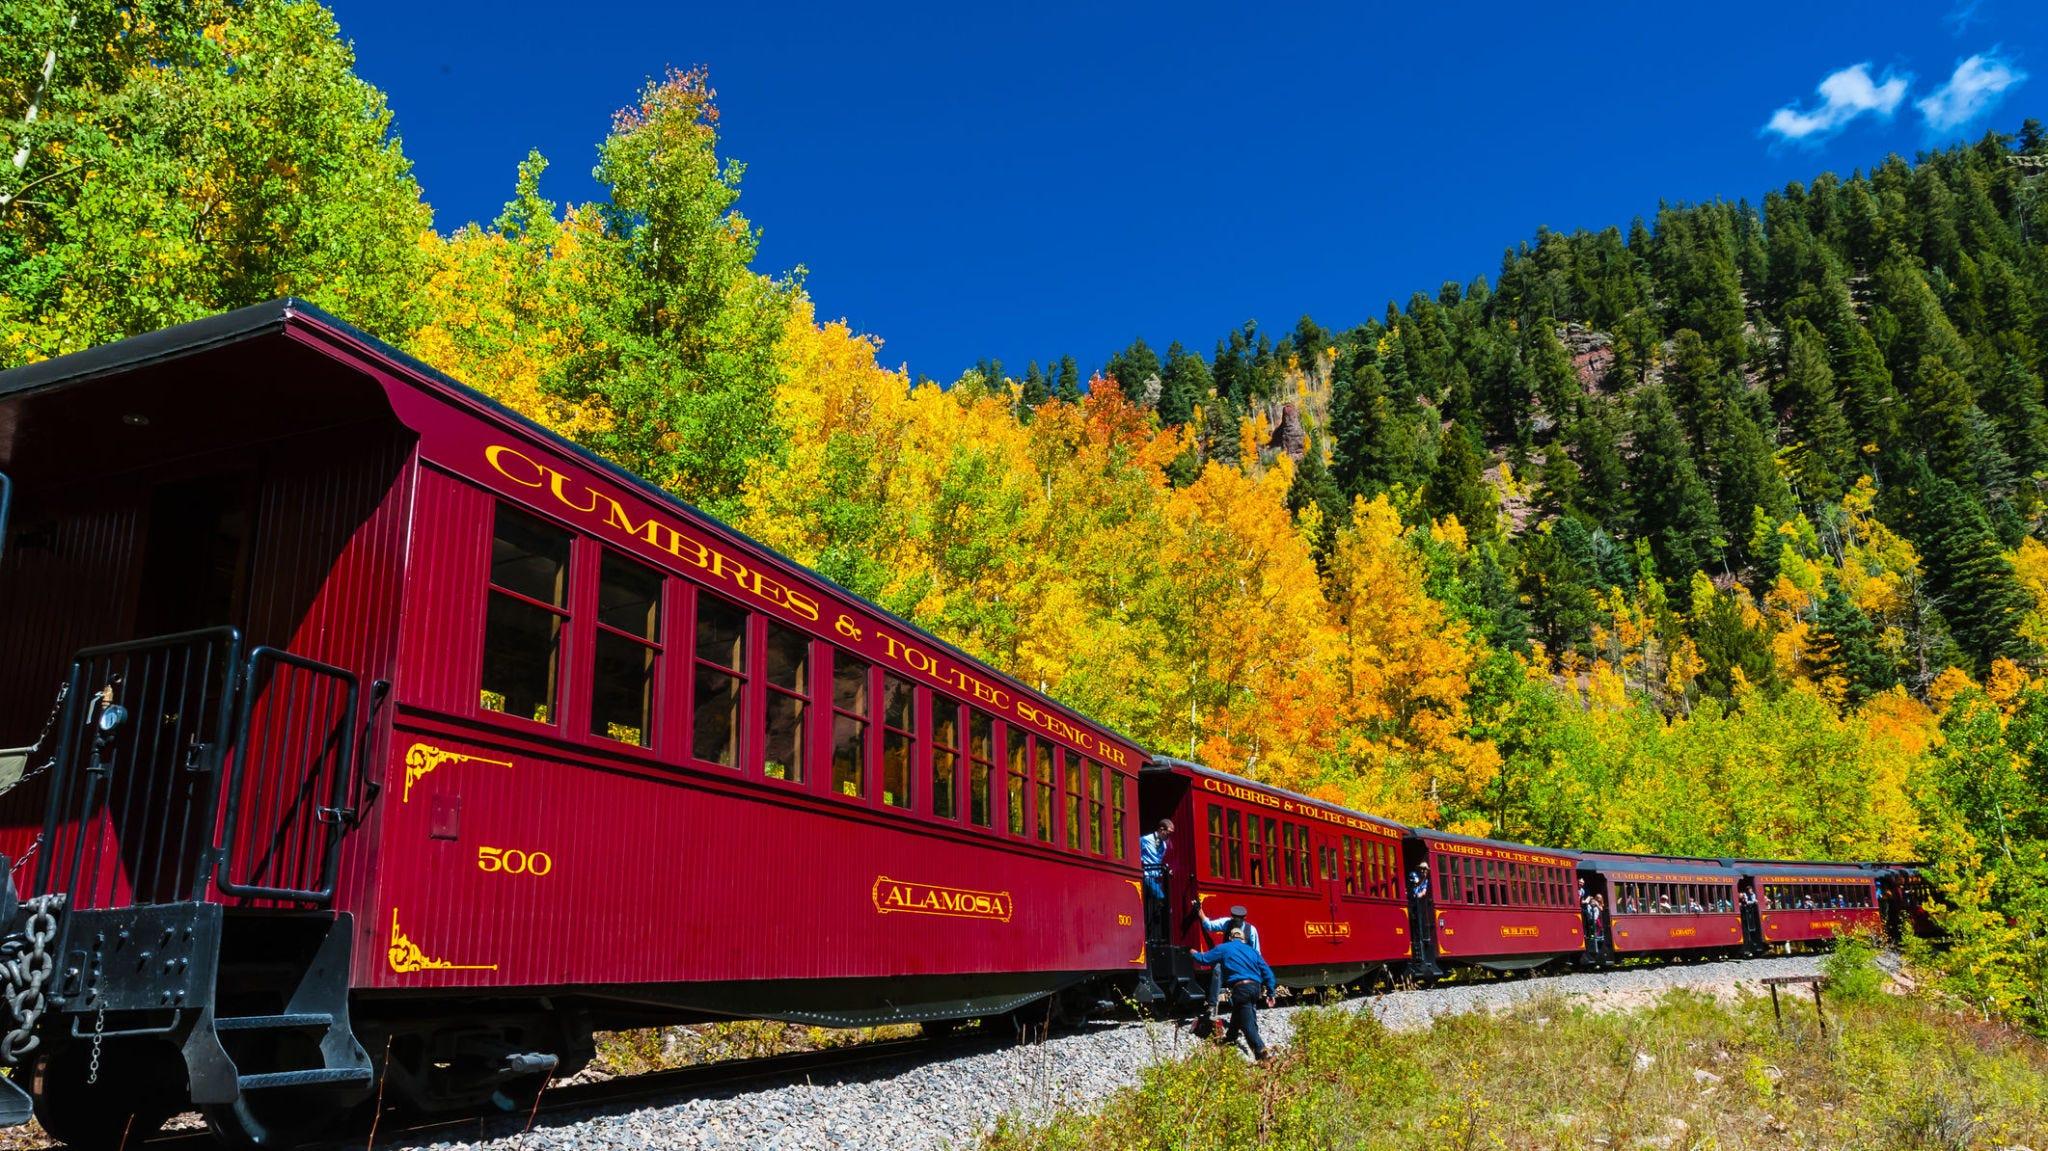 cumbres and toltec scenic railroad - fall foliage train rides colorado new mexico